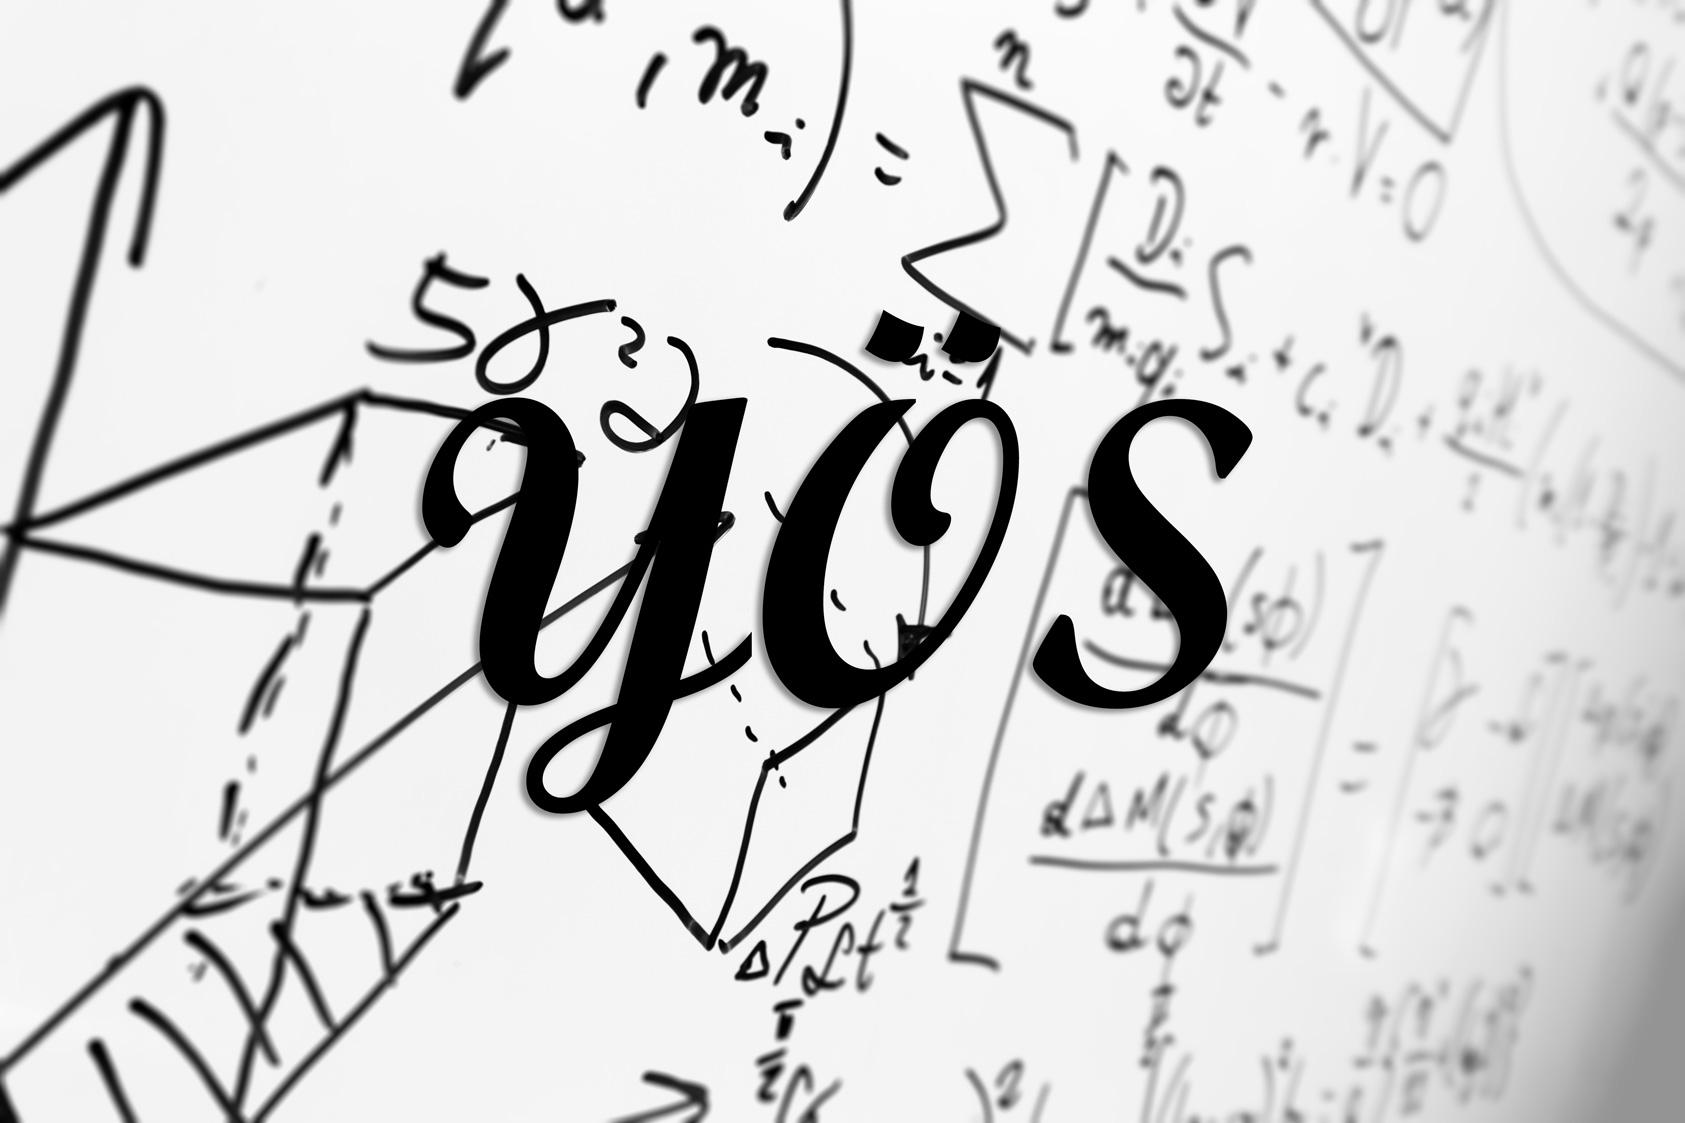 yos - الجامعات التي تقبل بإمتحان يوس حران